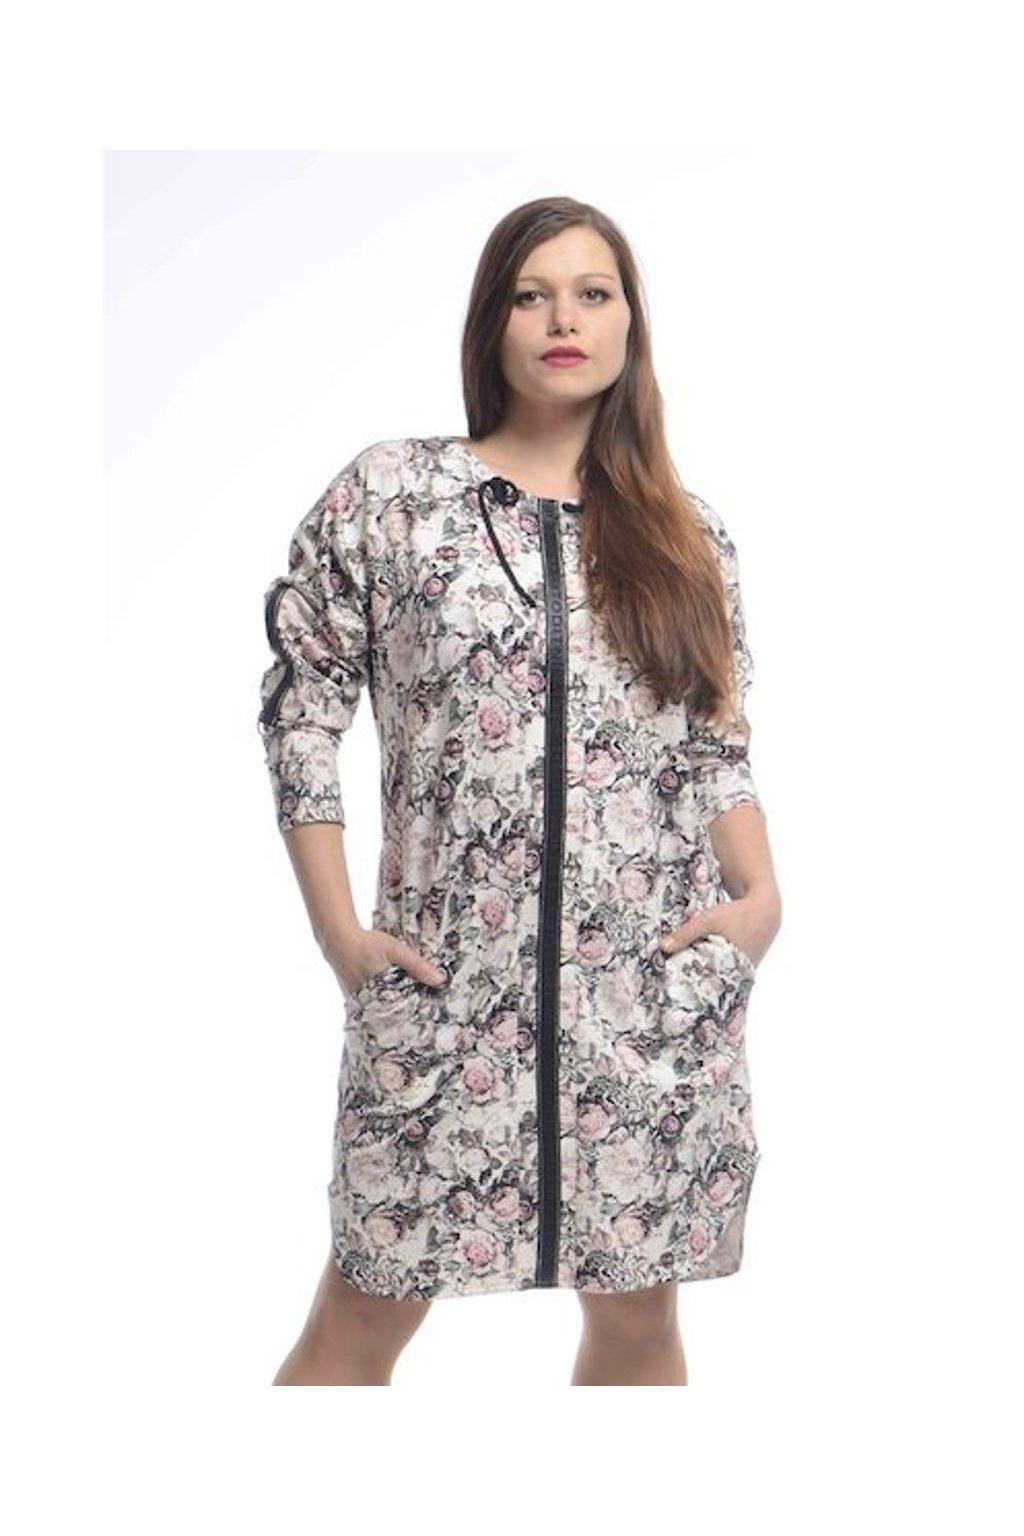 0821 Šaty Kima (Velikost 36, Barva Vzorovaná)